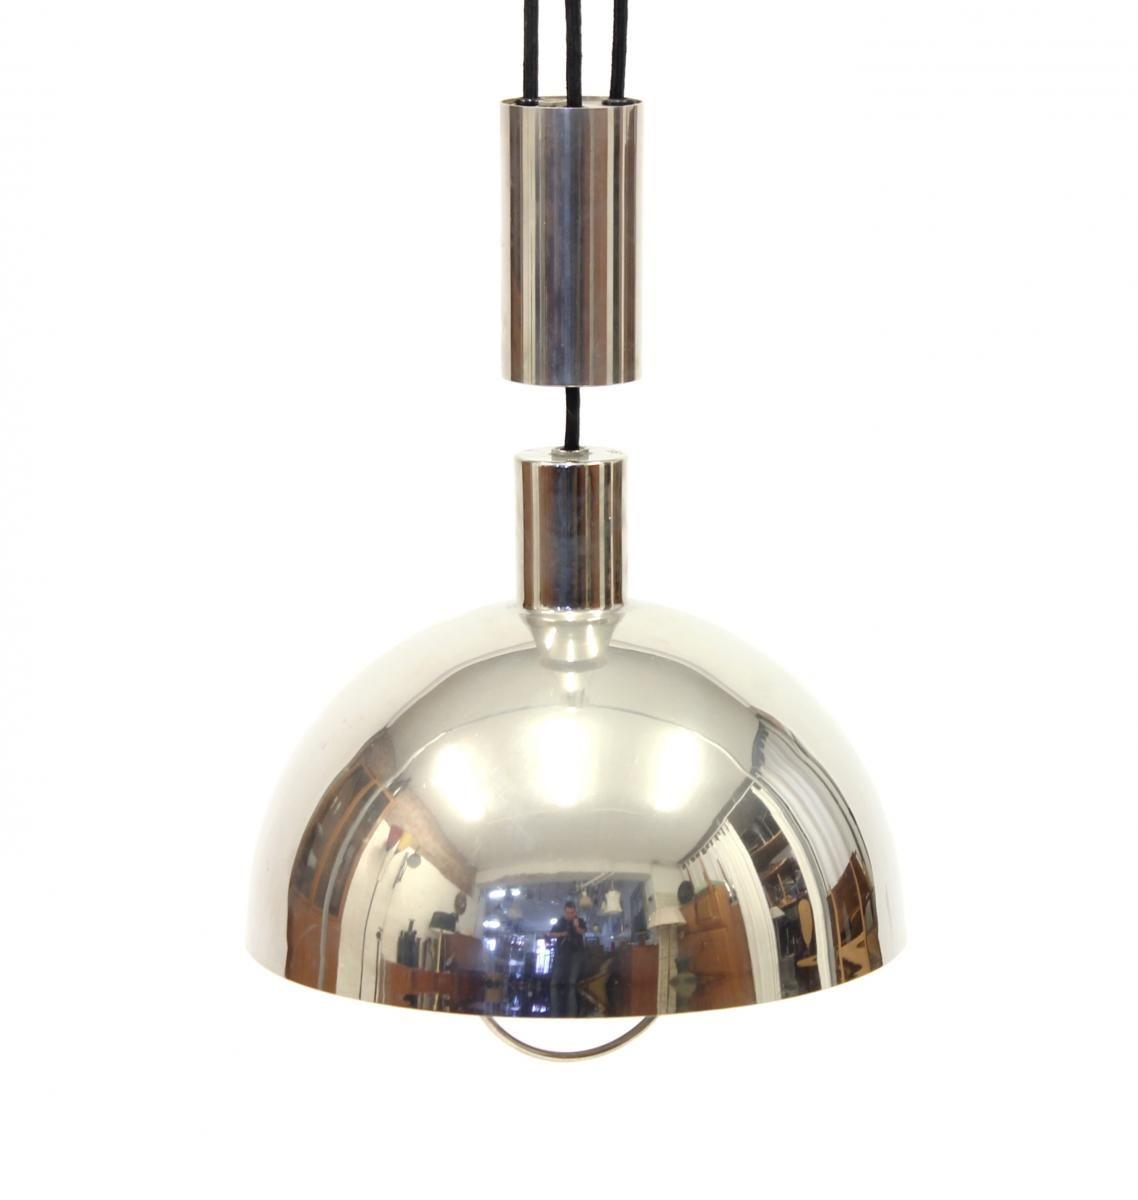 Bauhaus pendant lamp marianne brandt and hans przyrembel 1925 - Vintage Bauhaus Counter Weight Pendant By Marianne Brandt For Tecnolumen 1980s 1